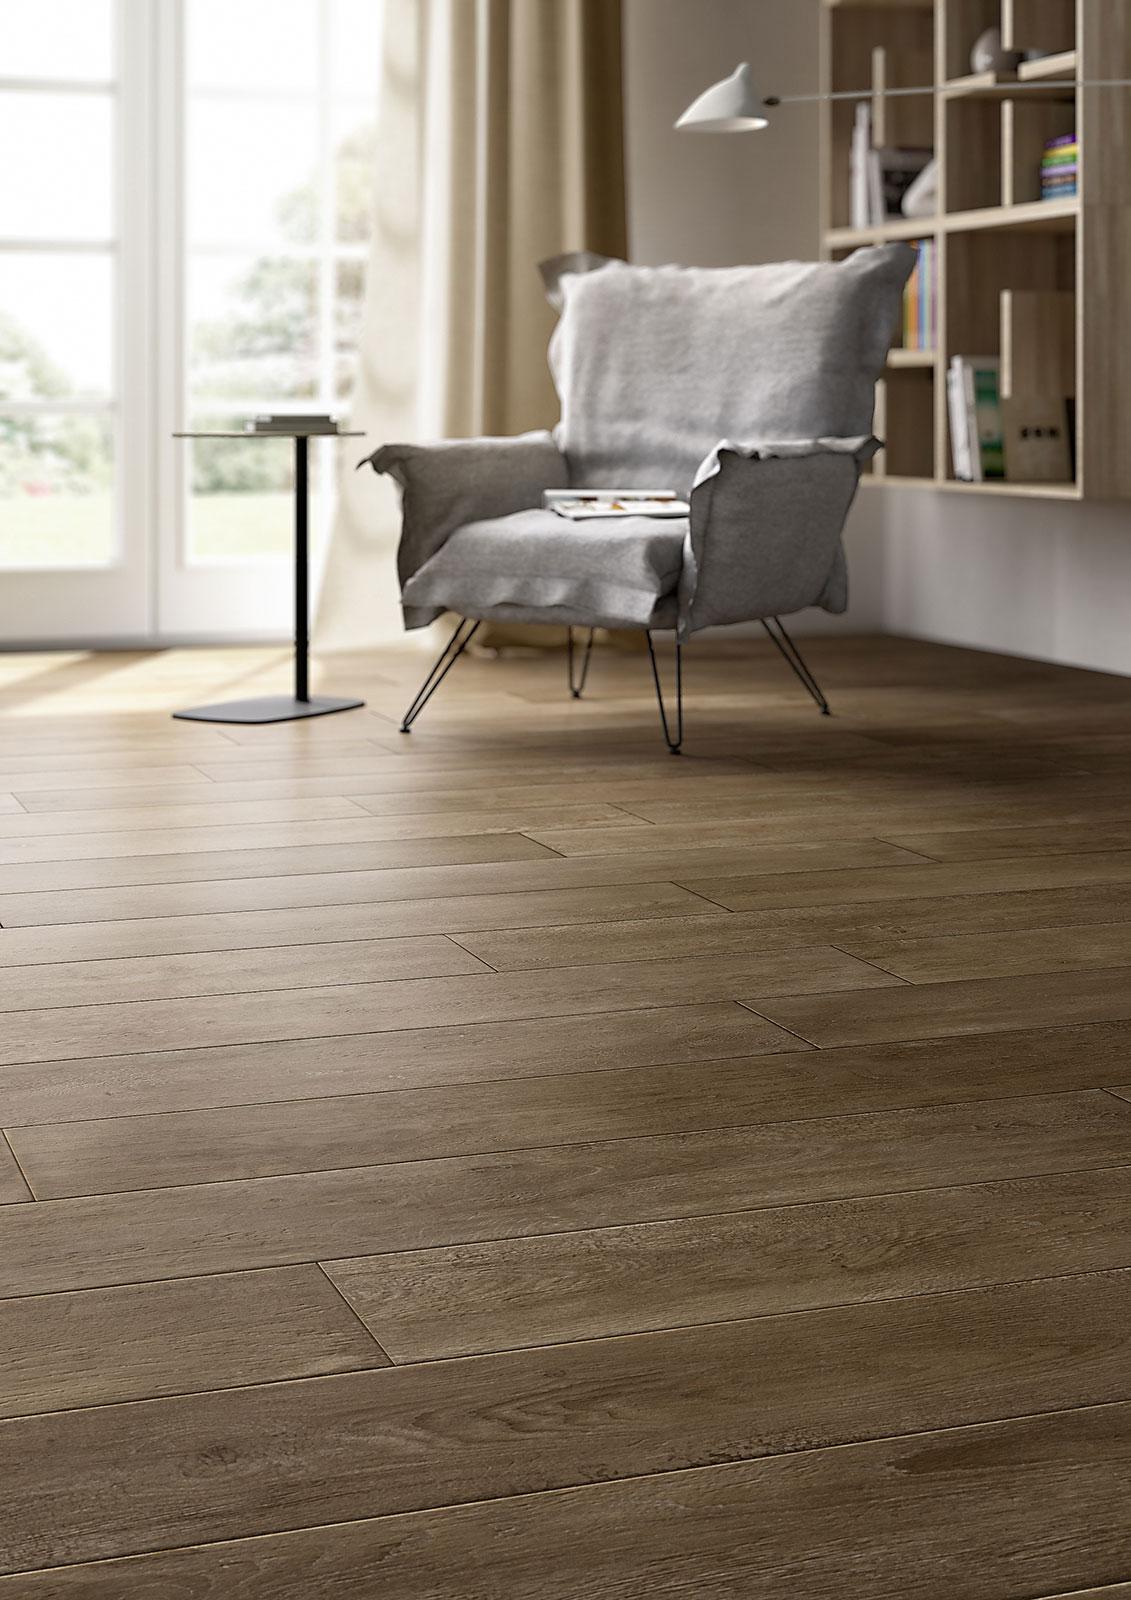 Treverktime gres pavimento effetto legno marazzi - Piastrelle effetto parquet ...